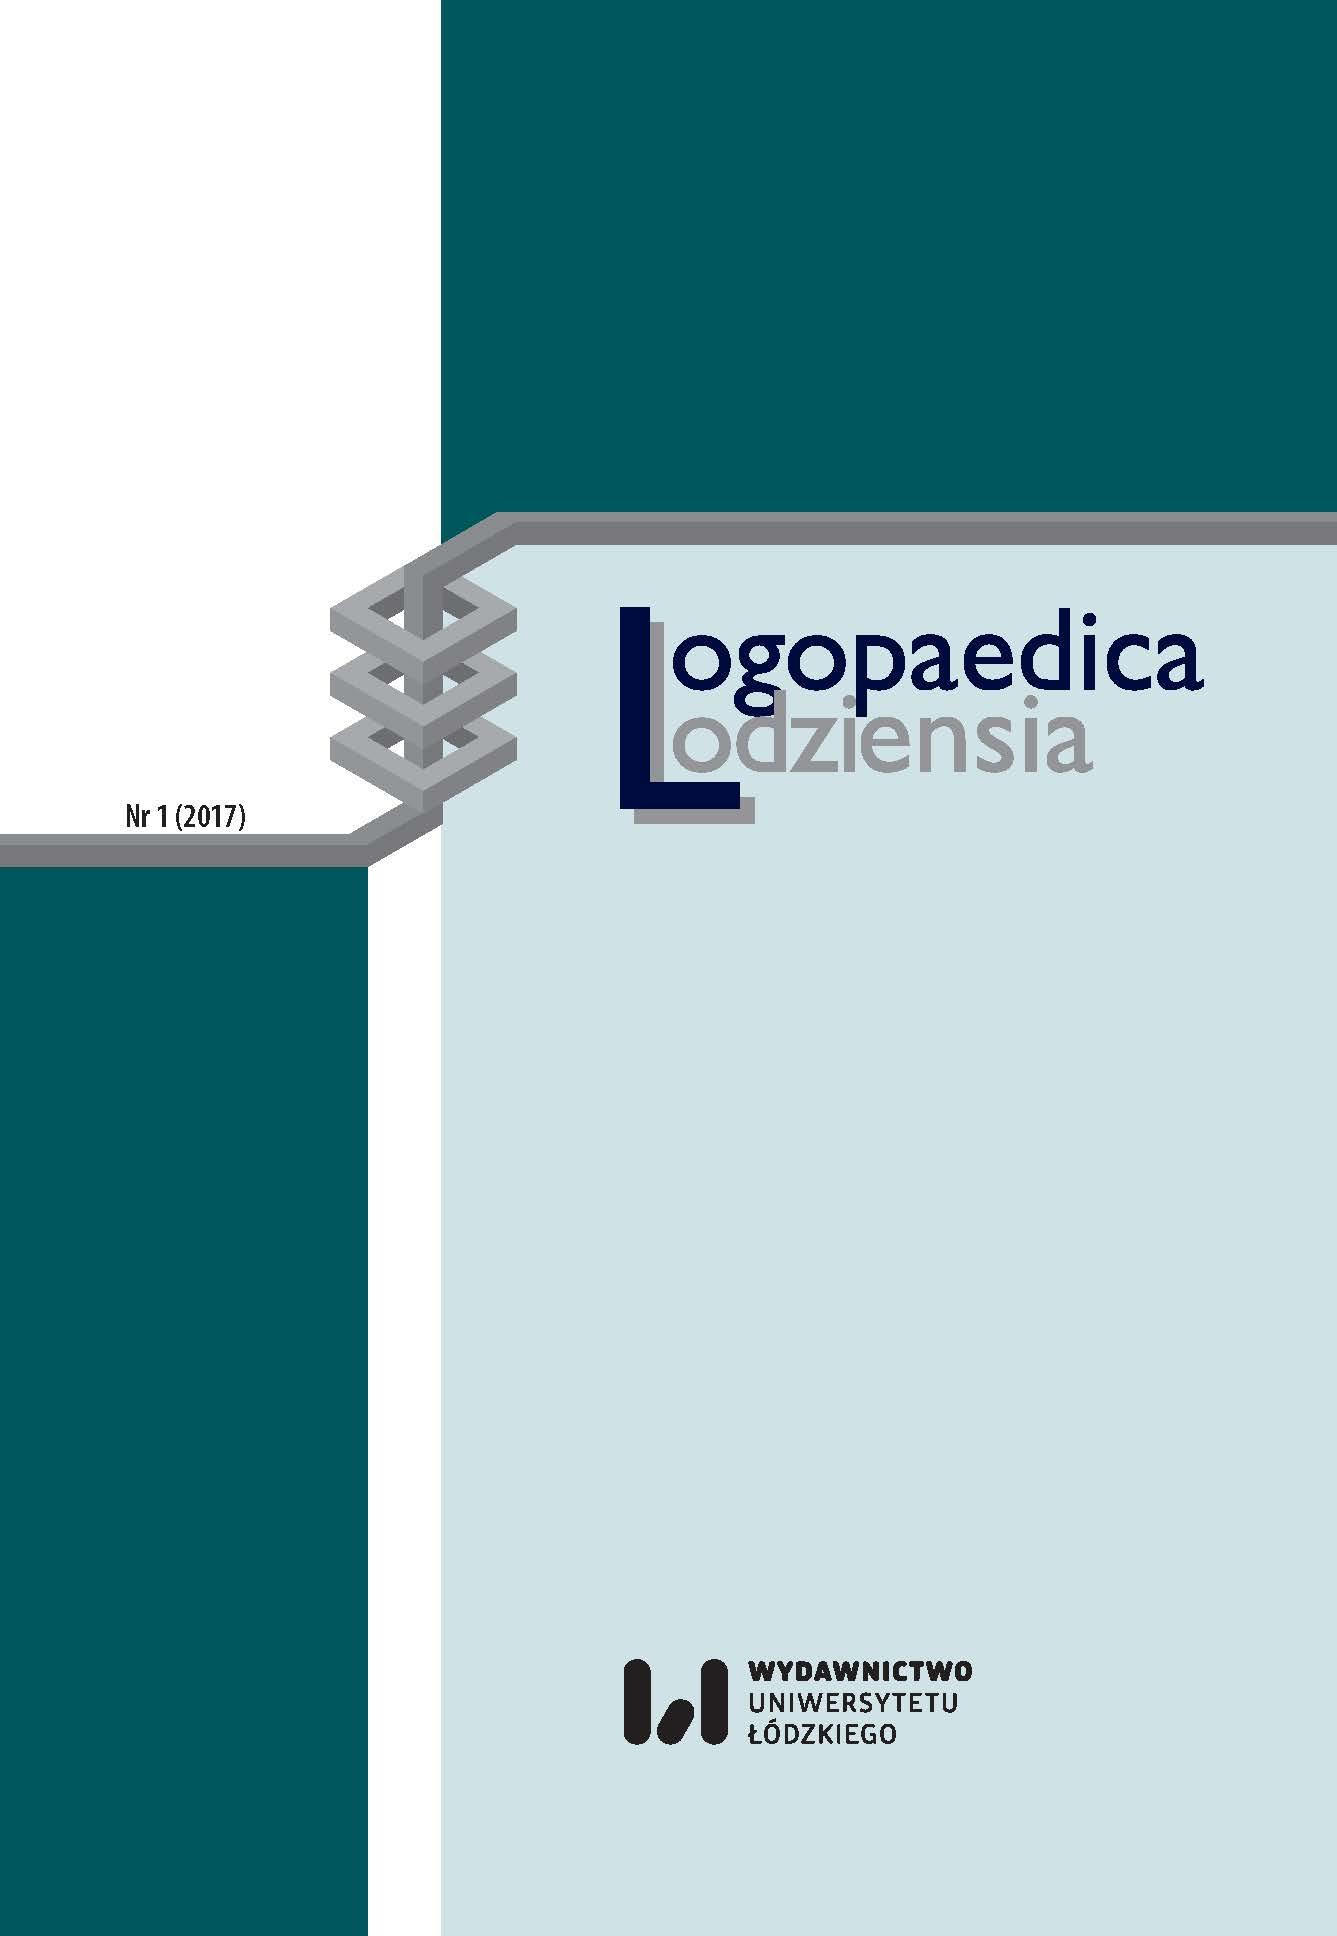 Encyklopedia pedagogiczna xxi wieku online dating